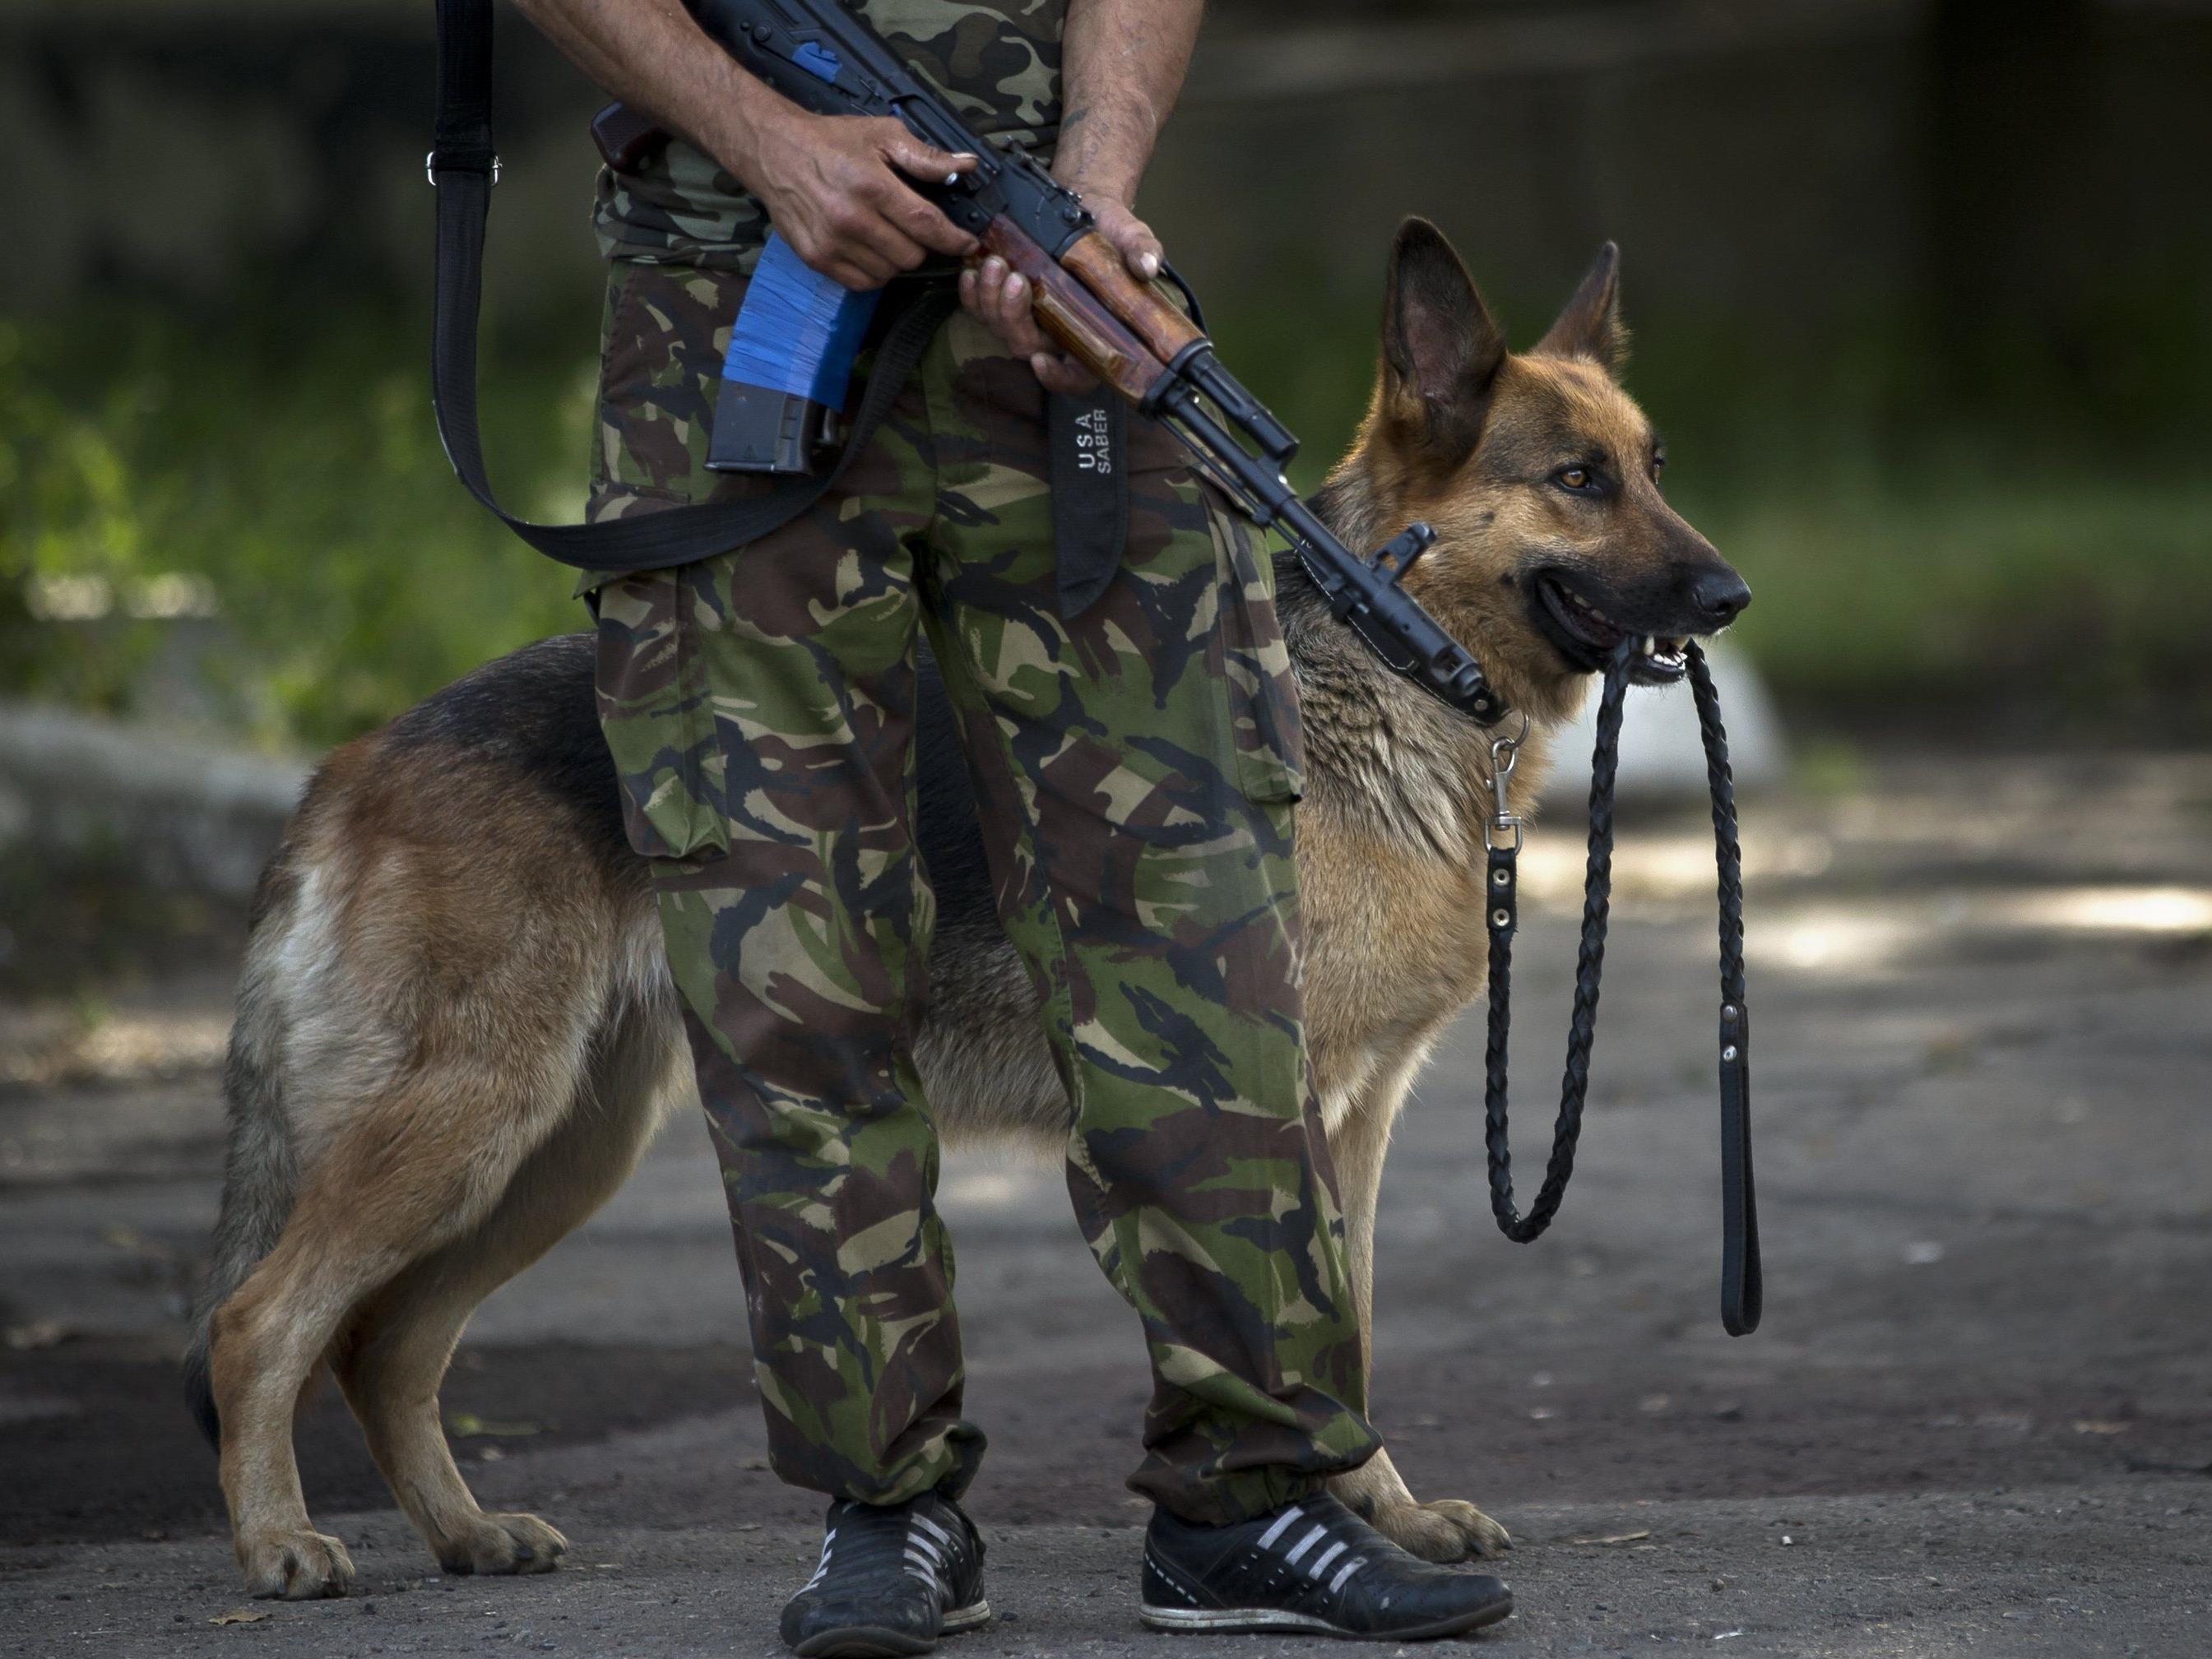 Bürgermeister von Krementschug erschossen - Bürgermeister von Lwiw unverletzt.